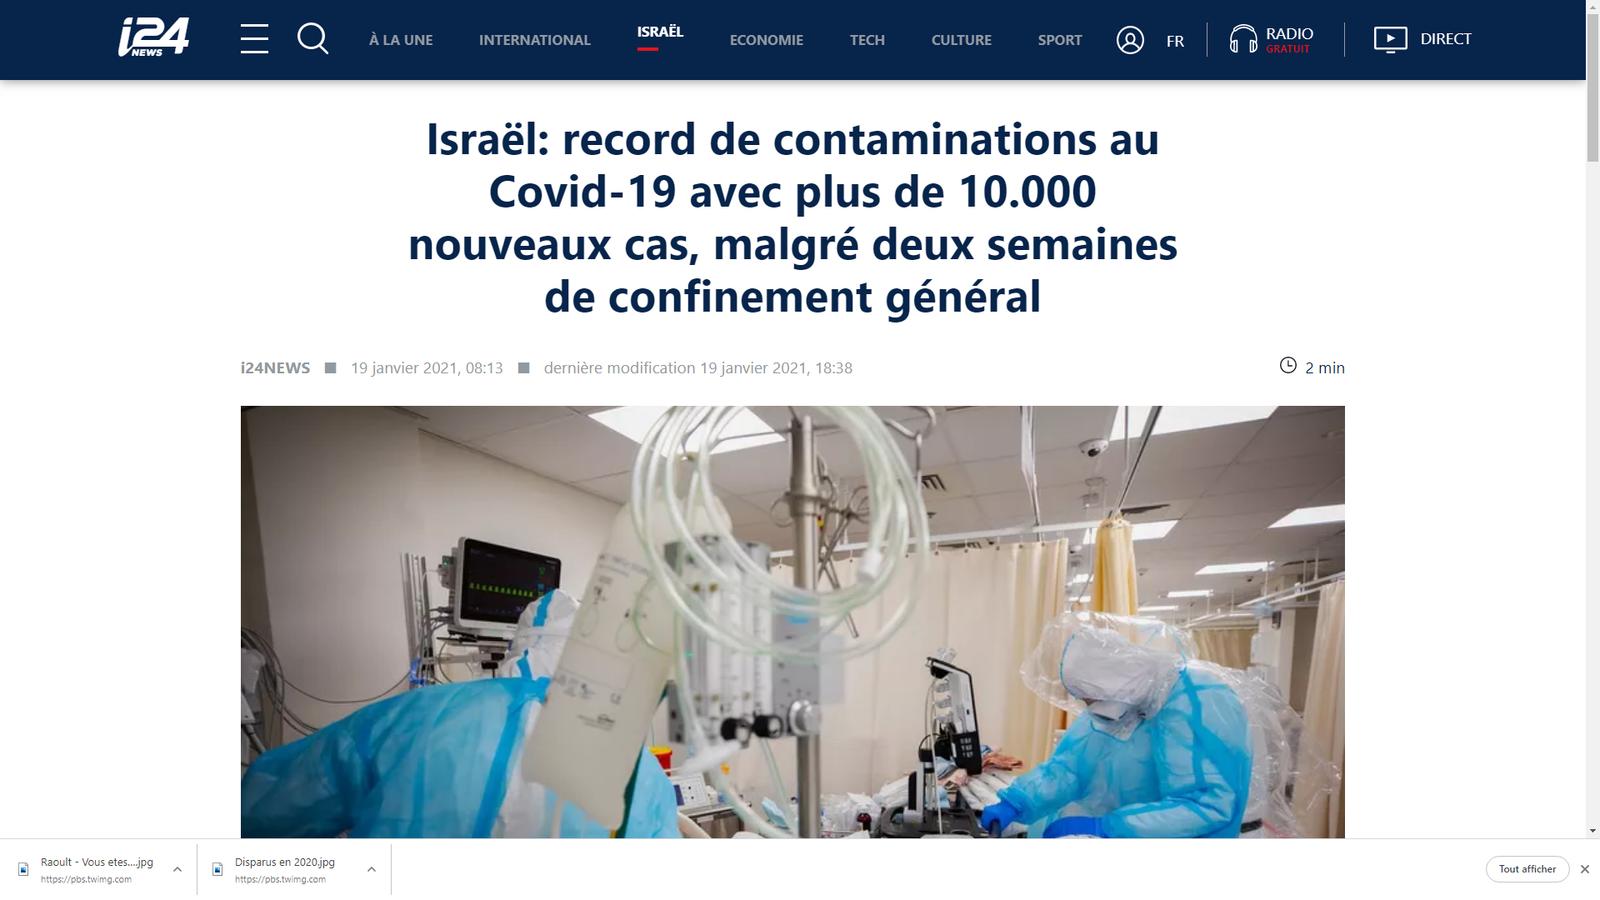 Israël: record de contaminations au Covid-19 malgré deux semaines de confinement général et de vaccination de la population vulnérable âgée